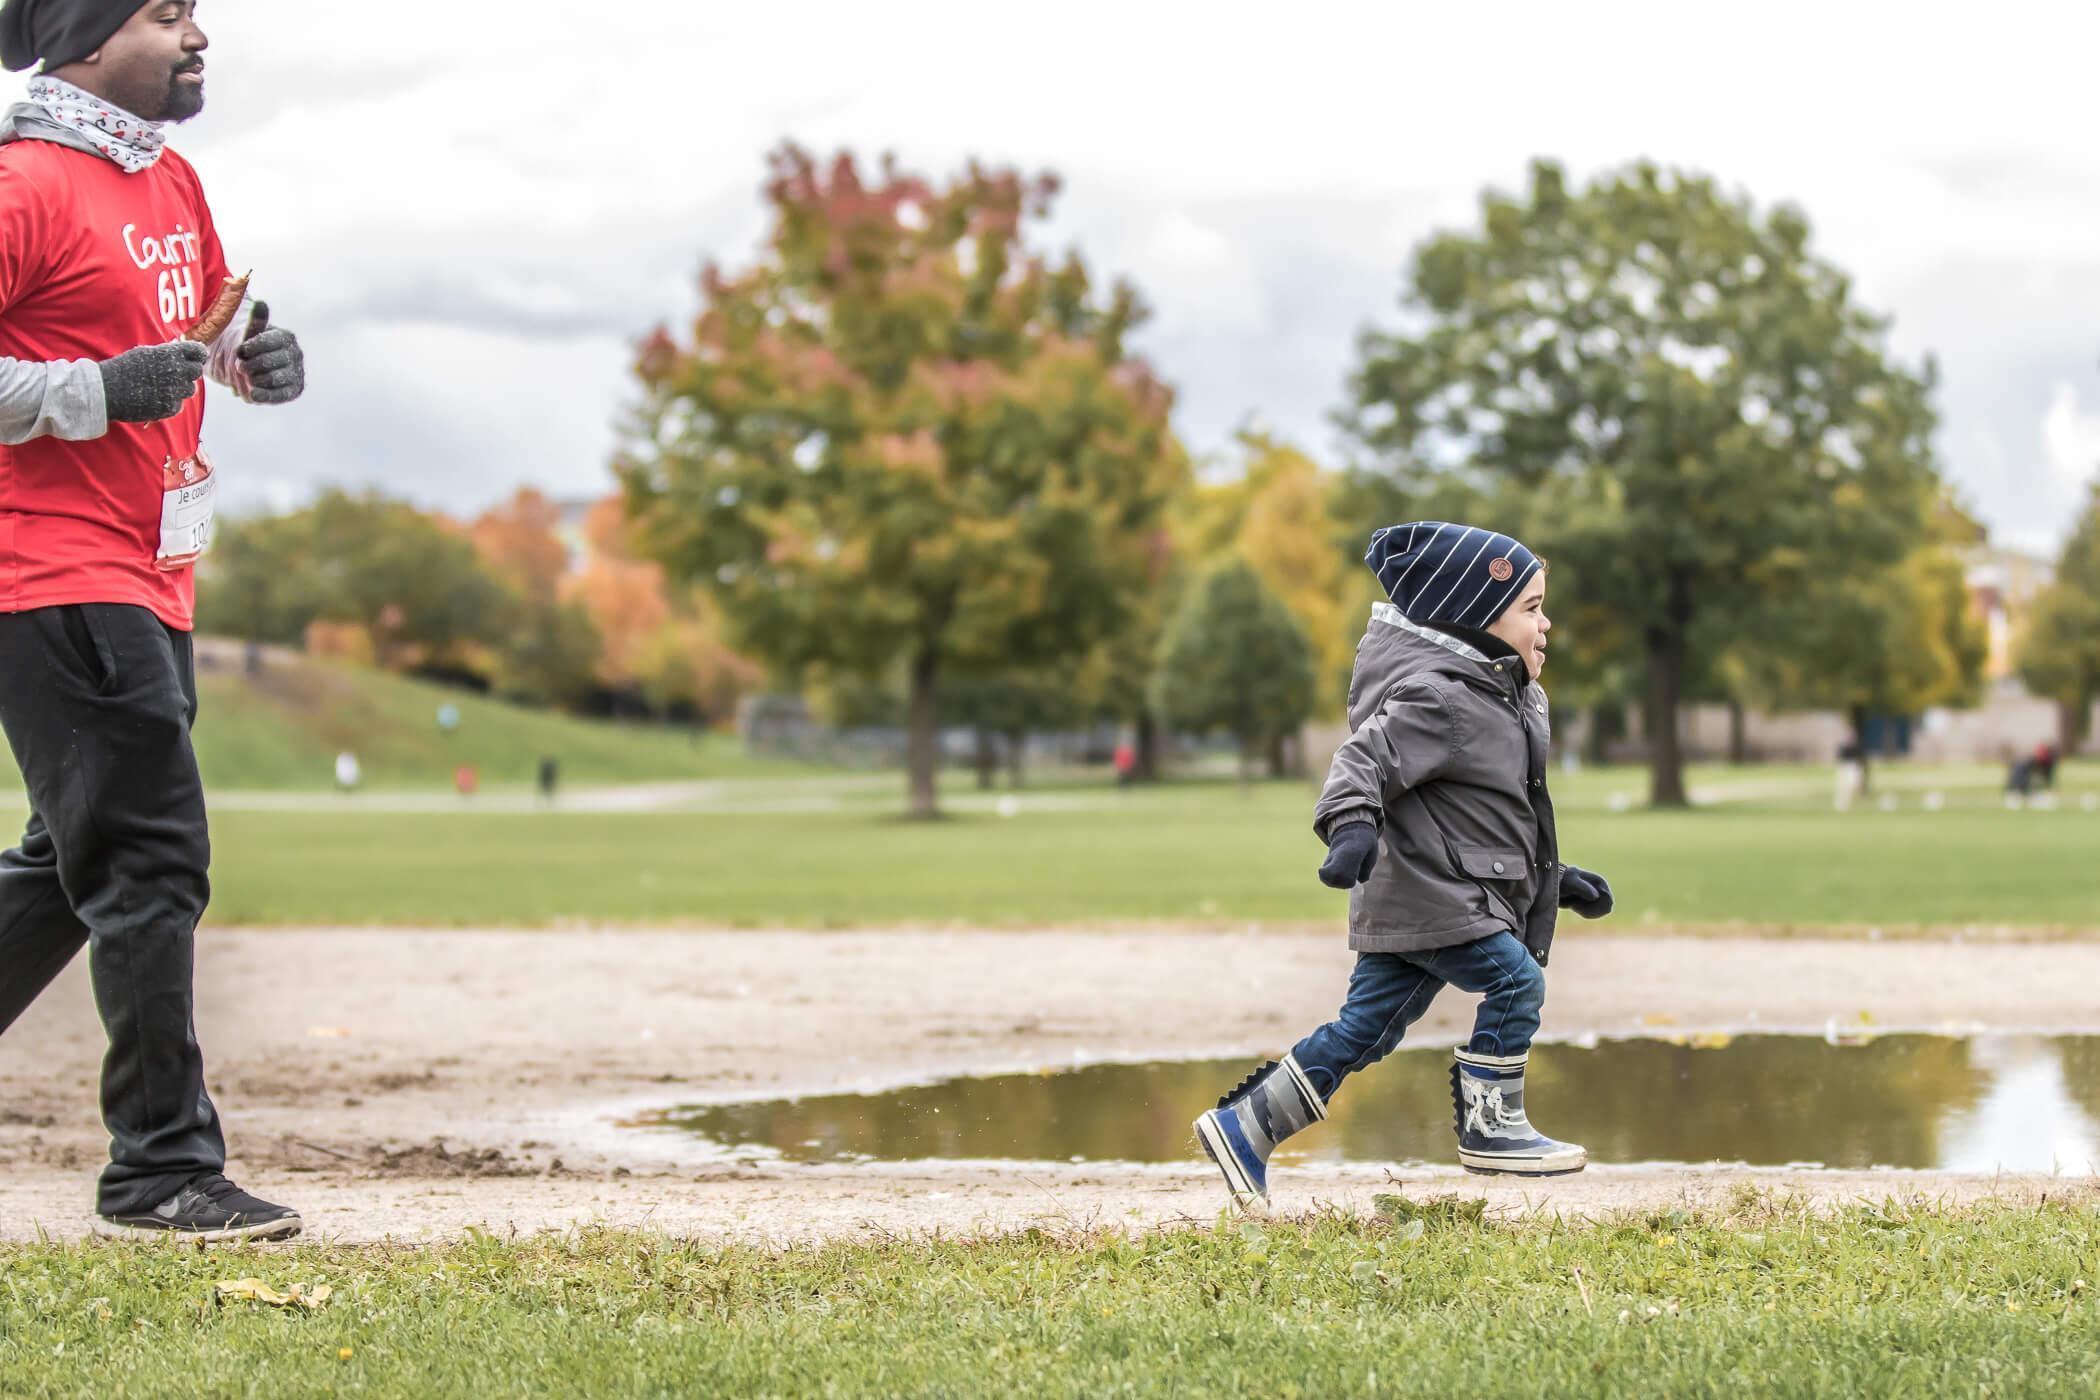 Fondation En Coeur - Homme et petit garçon courant dans un parc